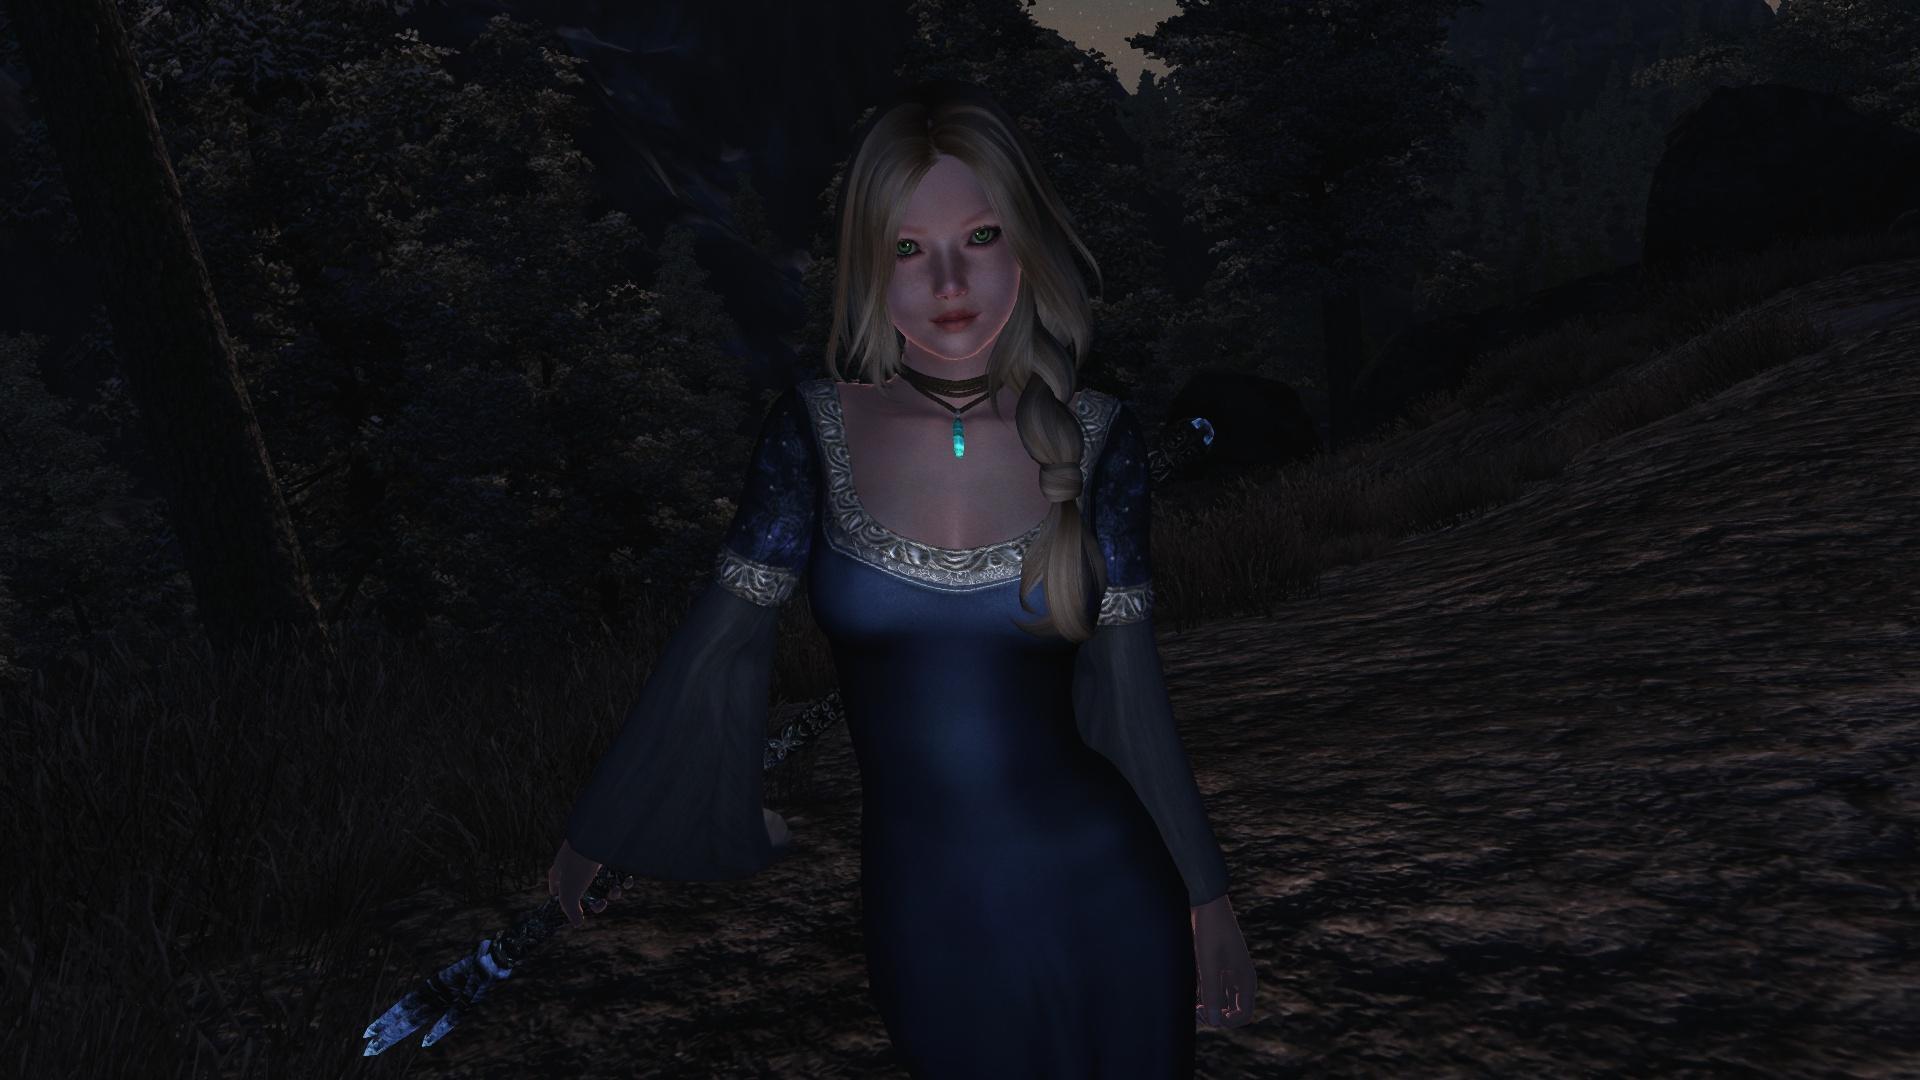 Elvira Fairfax